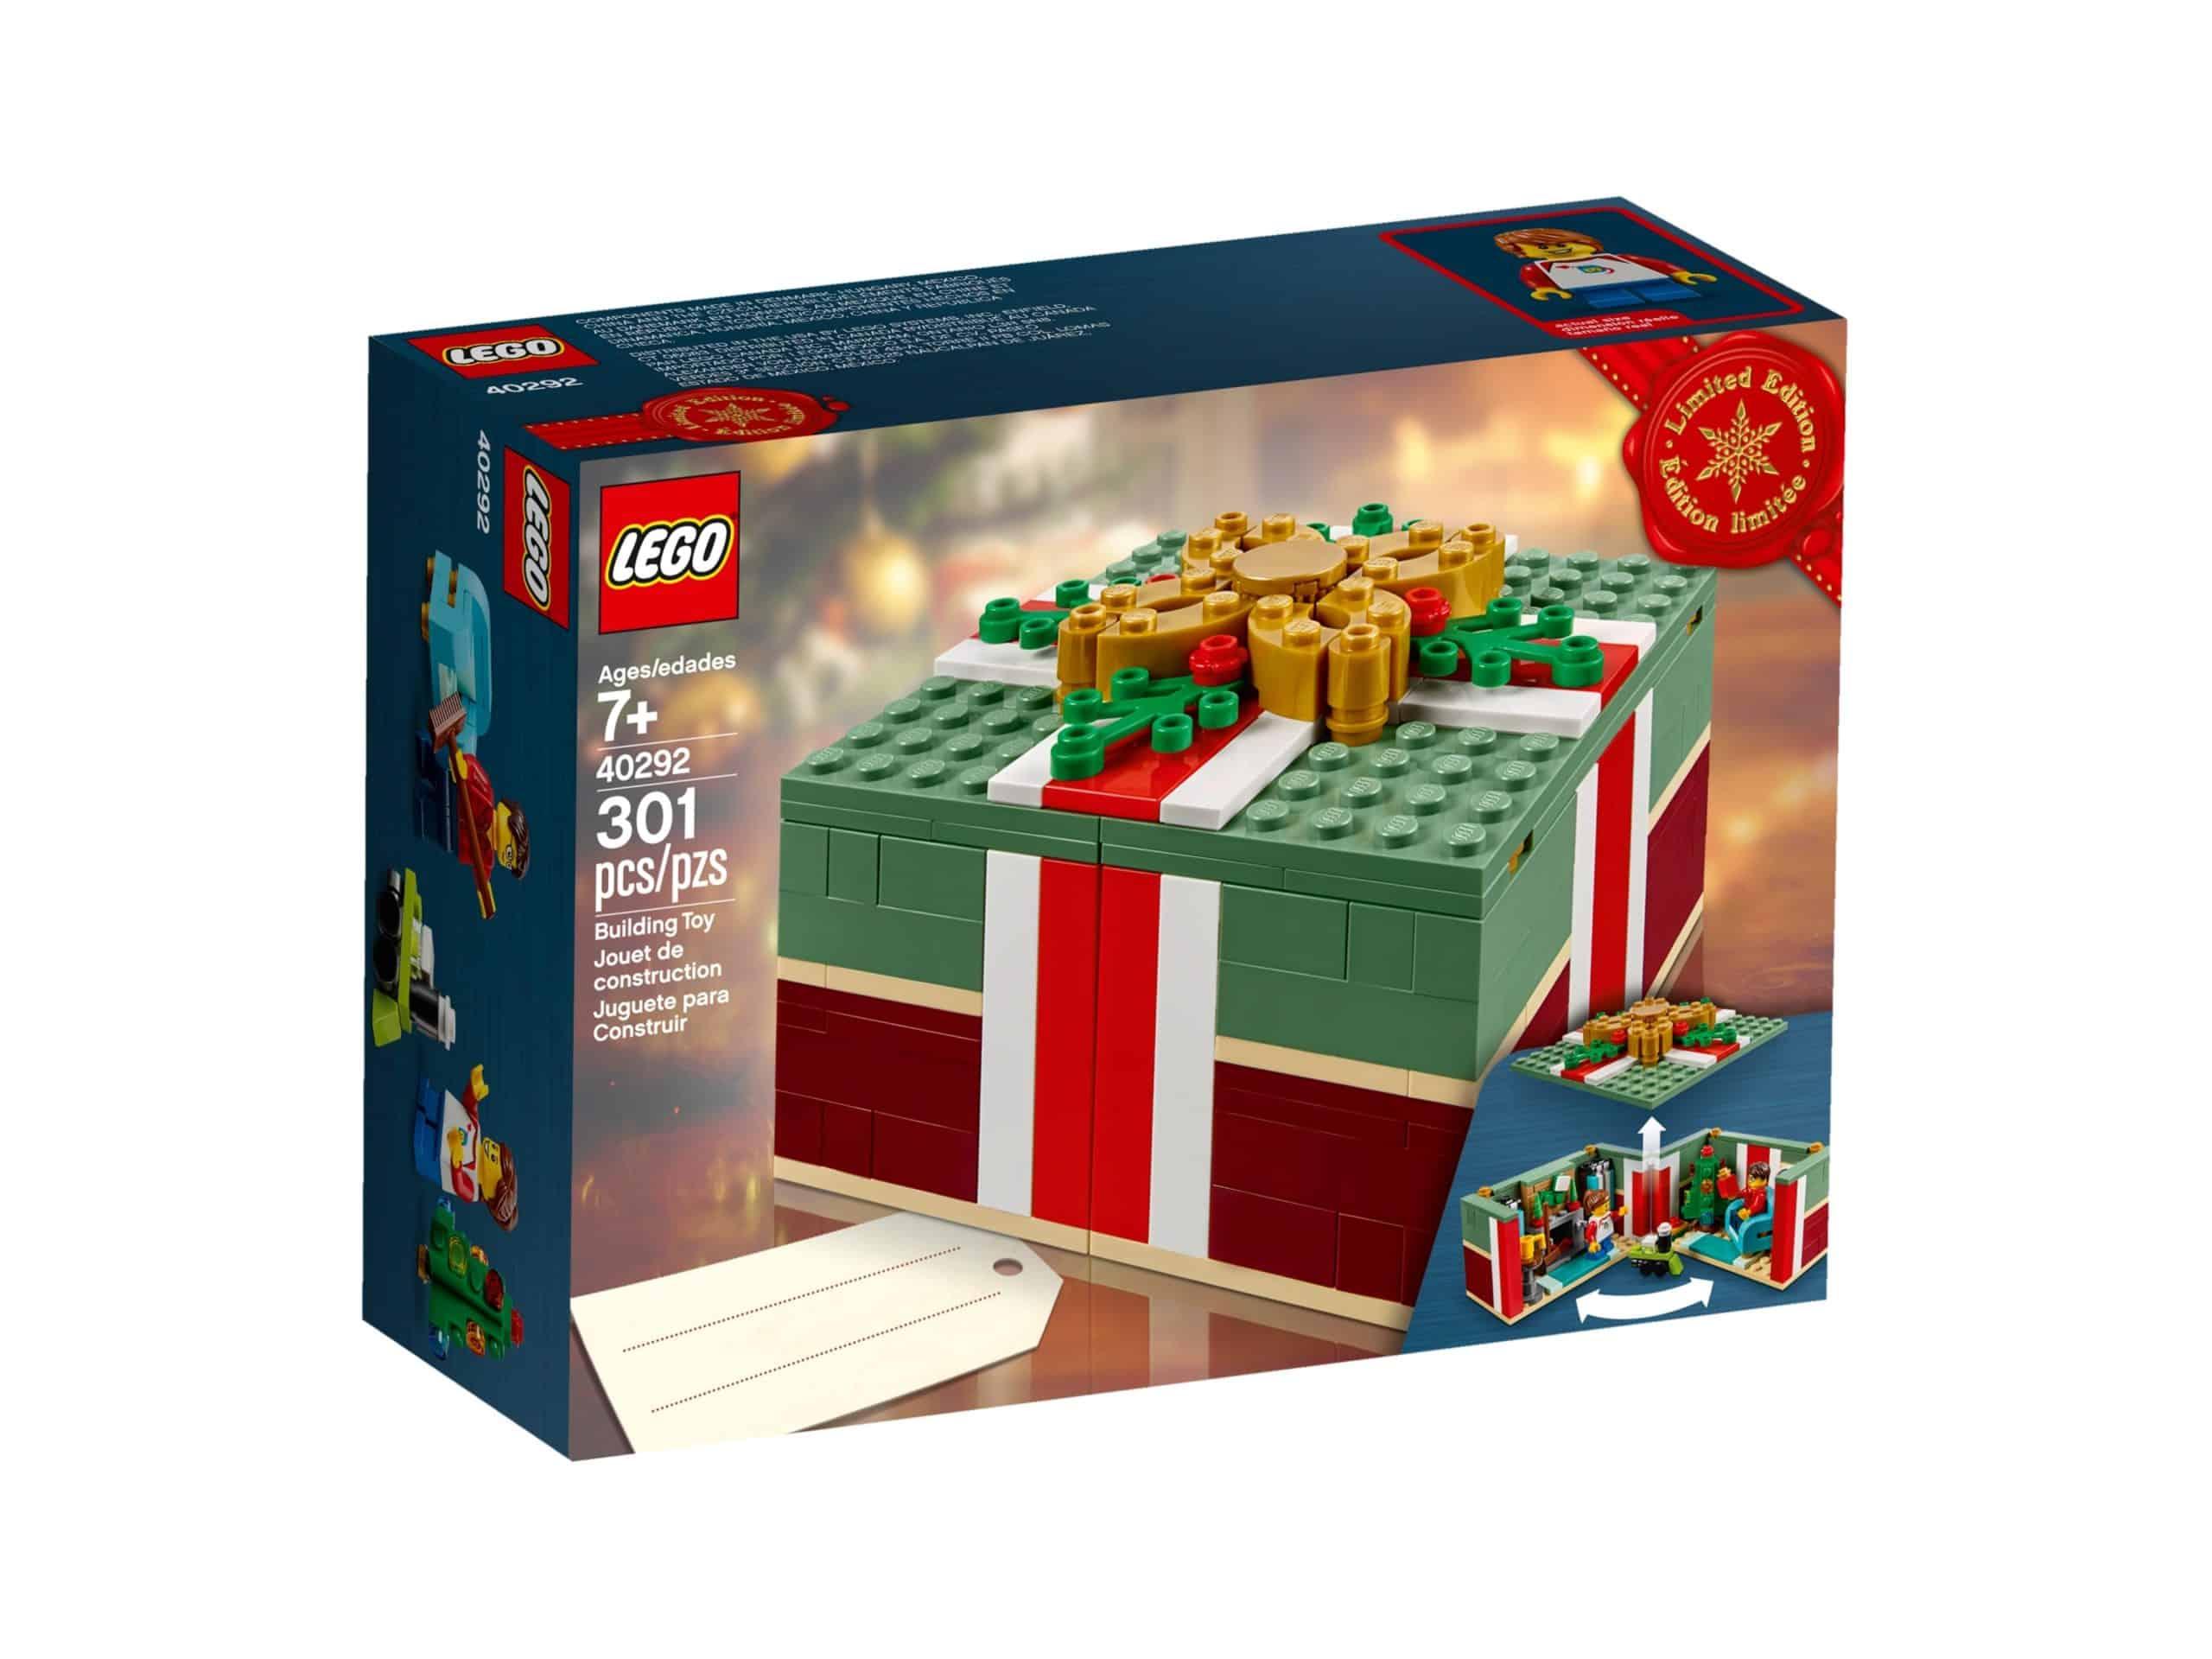 lego 40292 weihnachtsgeschenk scaled